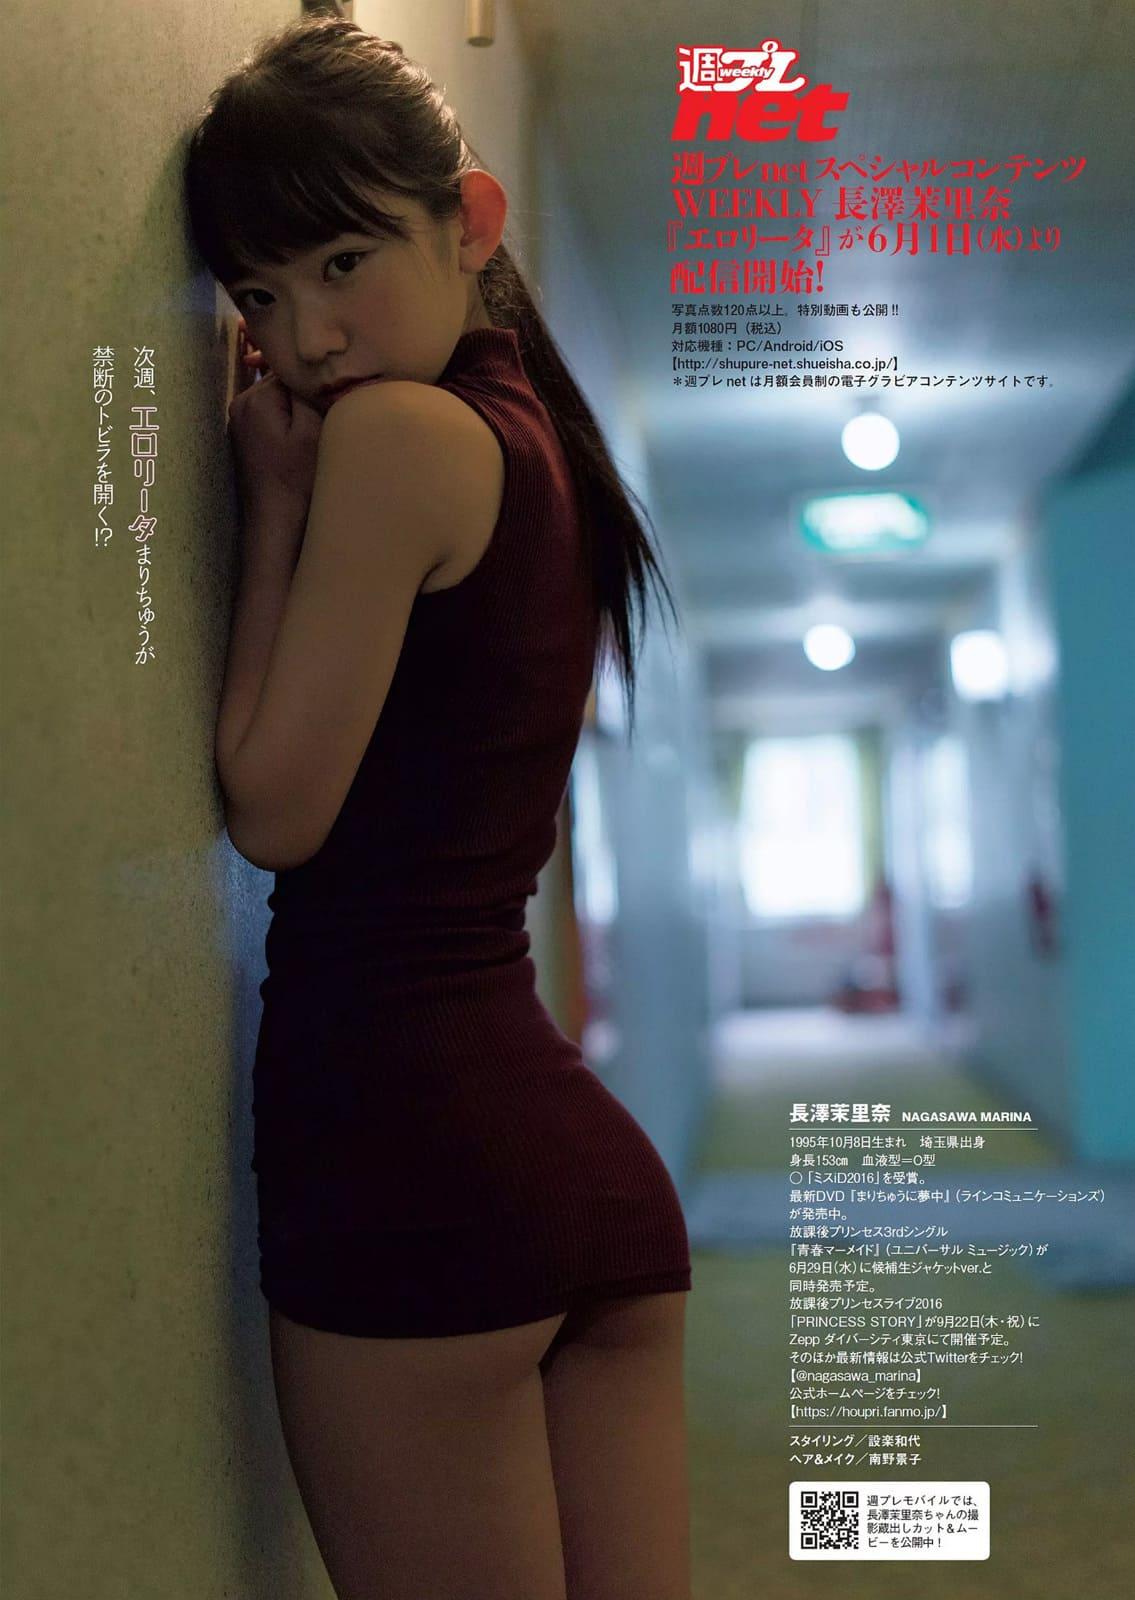 「週刊プレイボーイ 2016 No.24」長澤茉里奈の生尻はみ出しエロリータグラビア